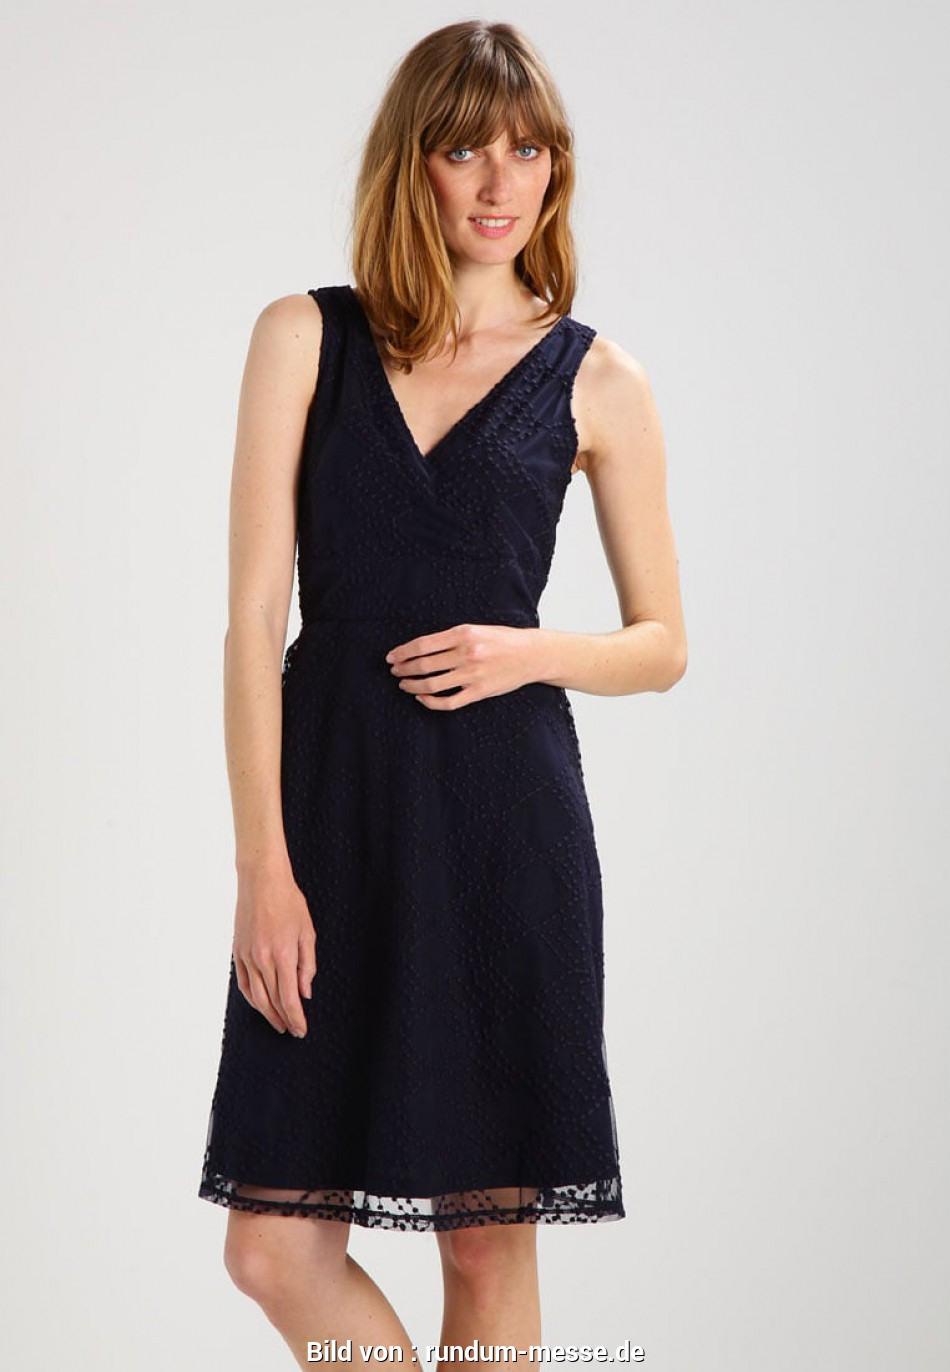 Einfach Otto Damen Abend Kleider Boutique20 Erstaunlich Otto Damen Abend Kleider Galerie